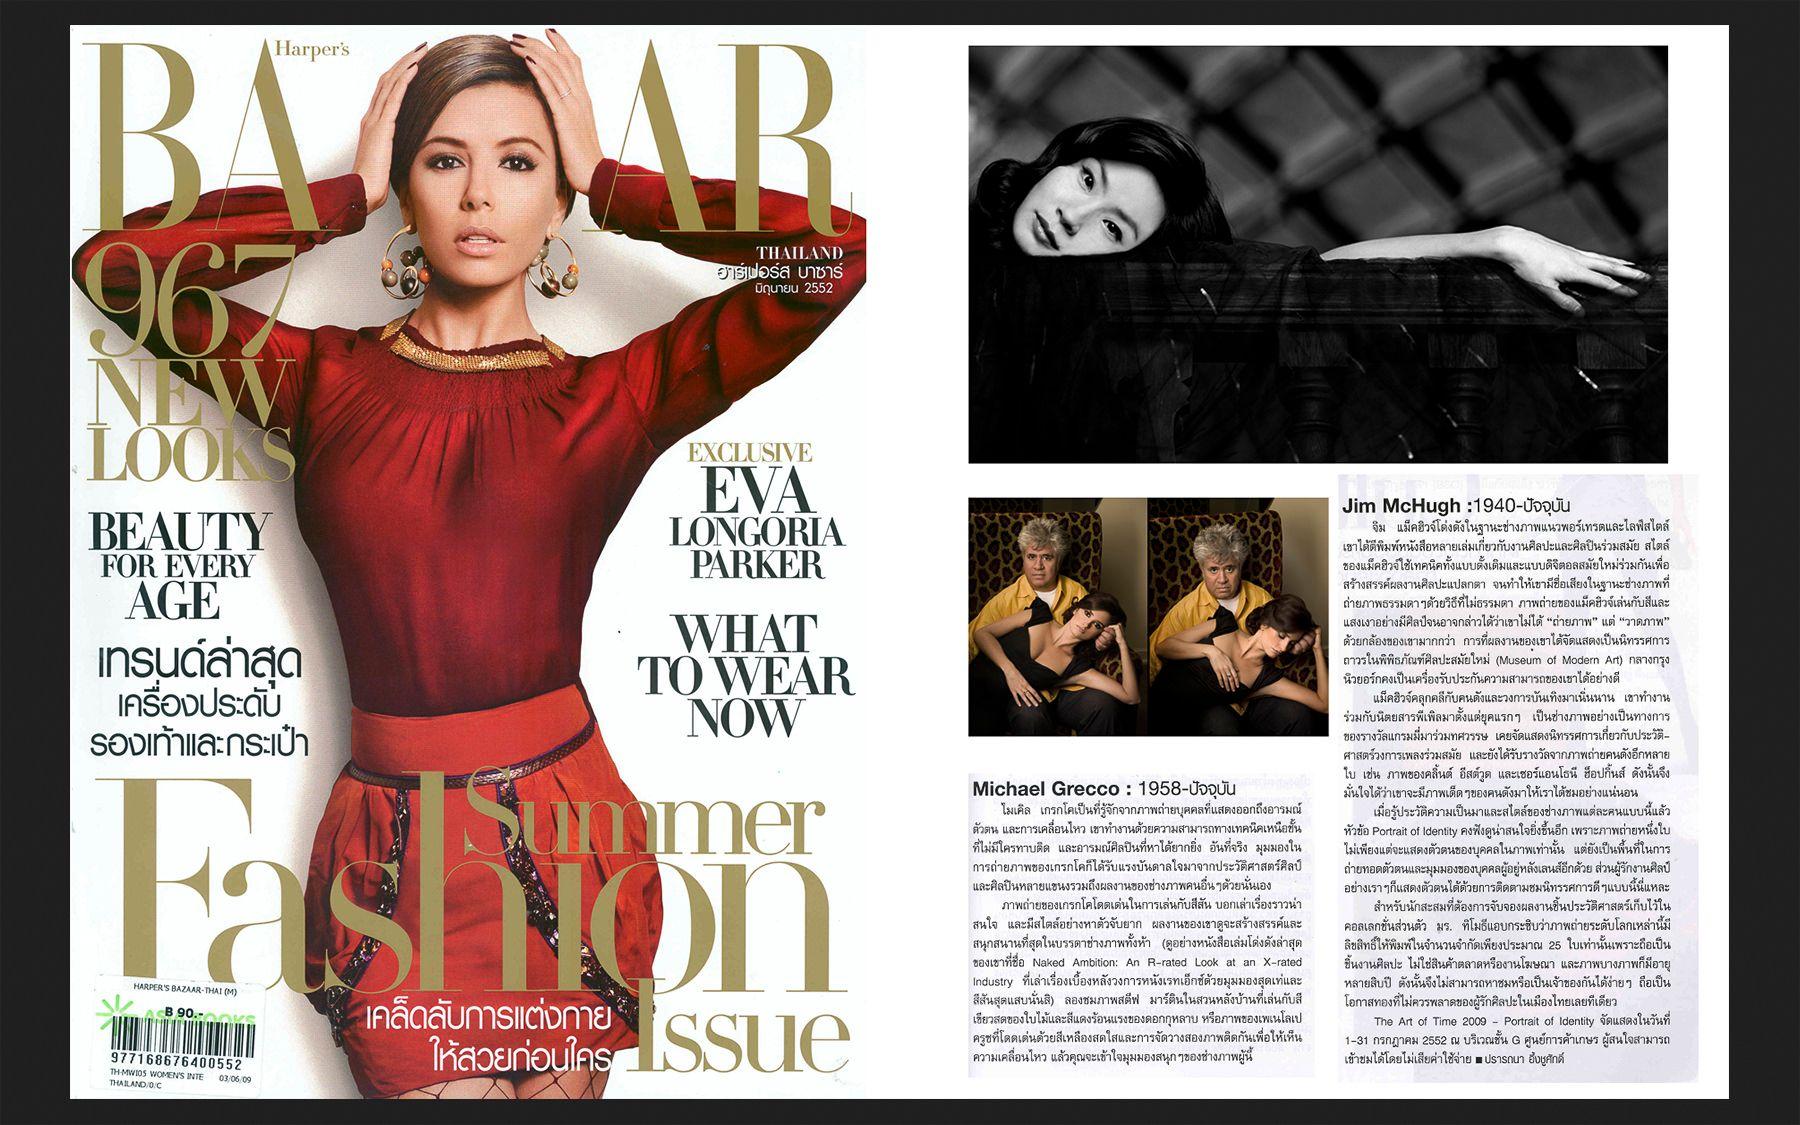 Harpers-Bazar-Michael-Grecco.jpg